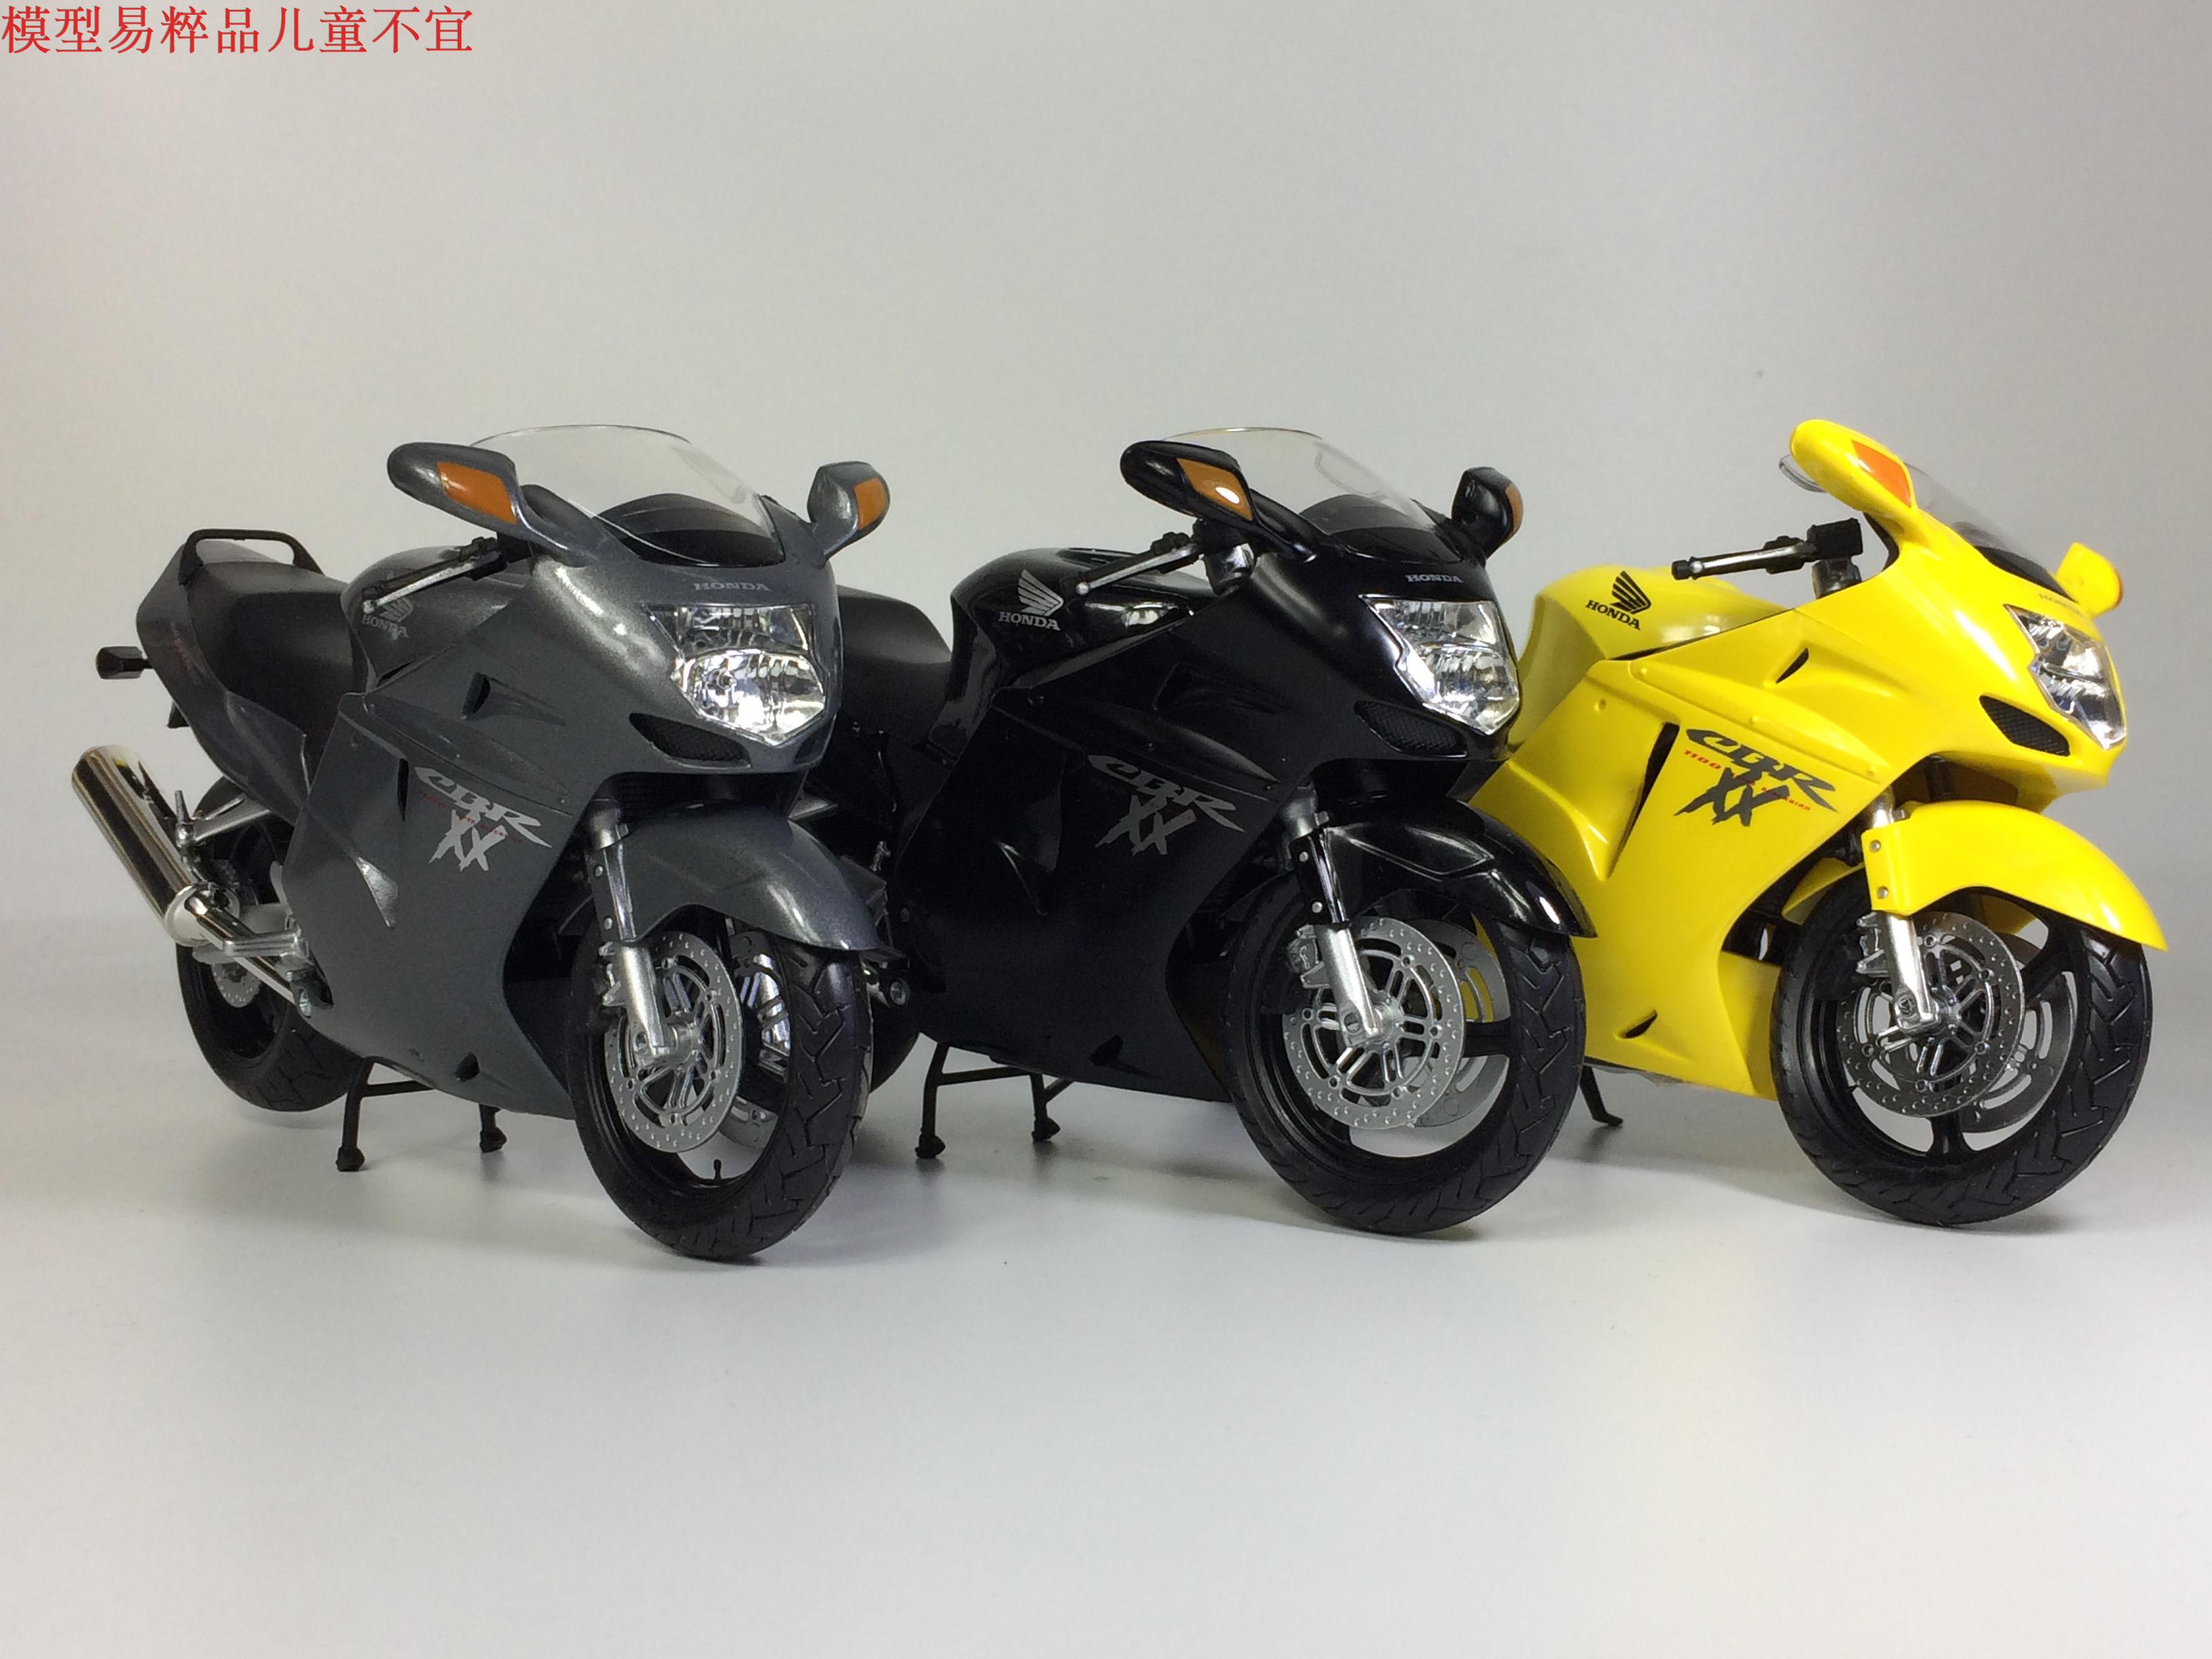 本田黑鸟1100摩托车